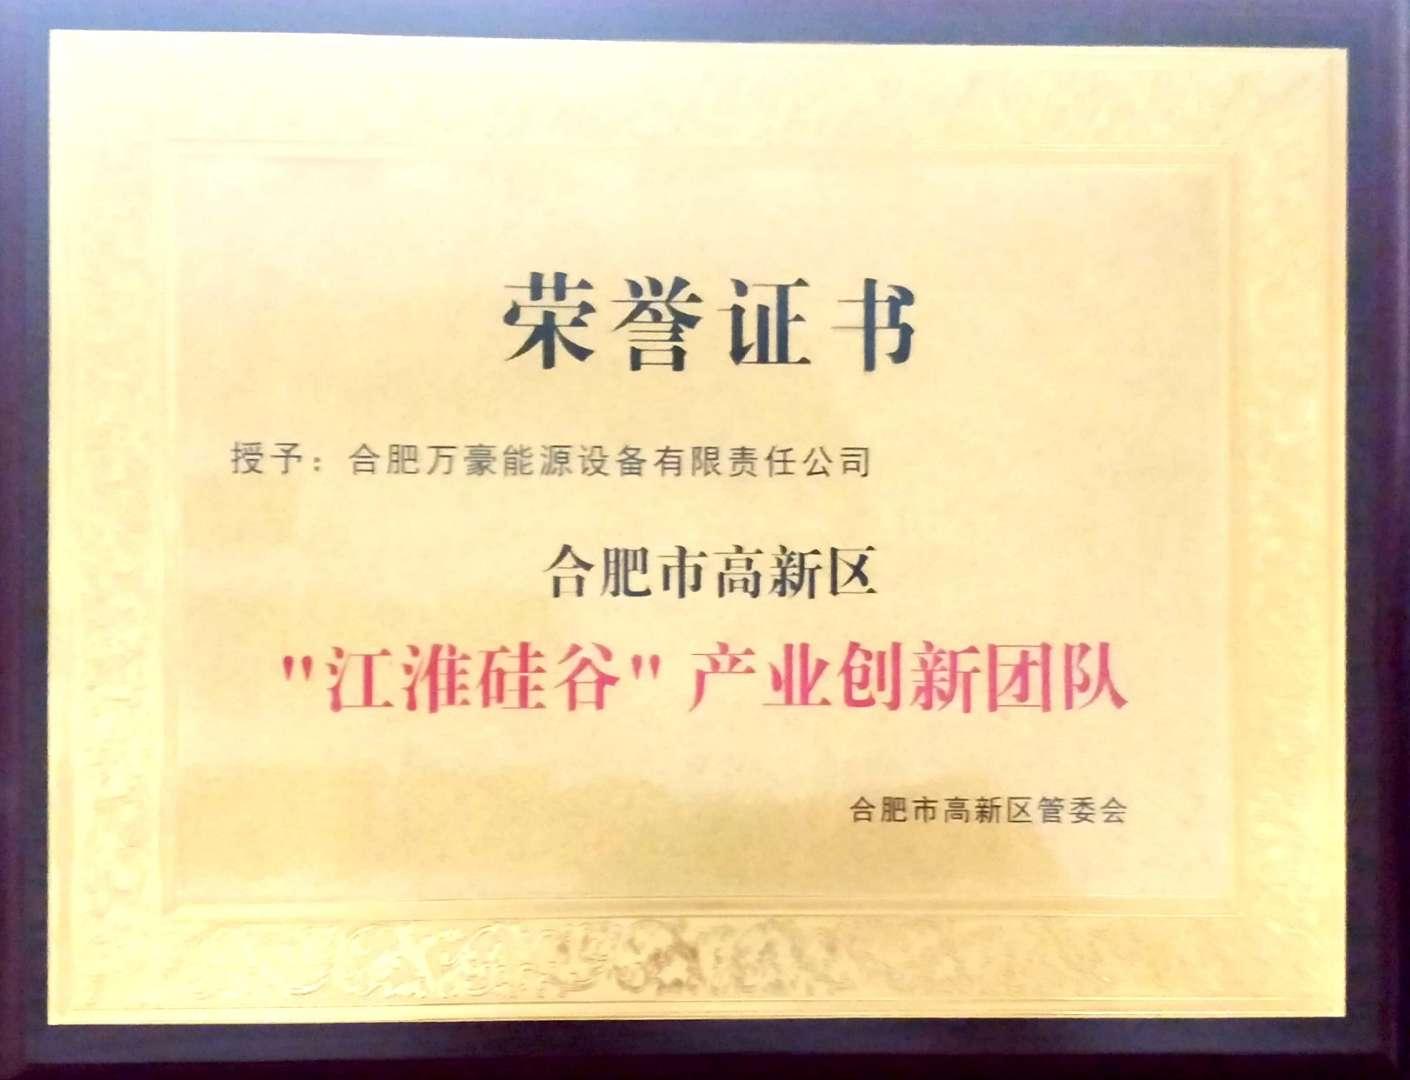 江淮硅谷产业创新团队